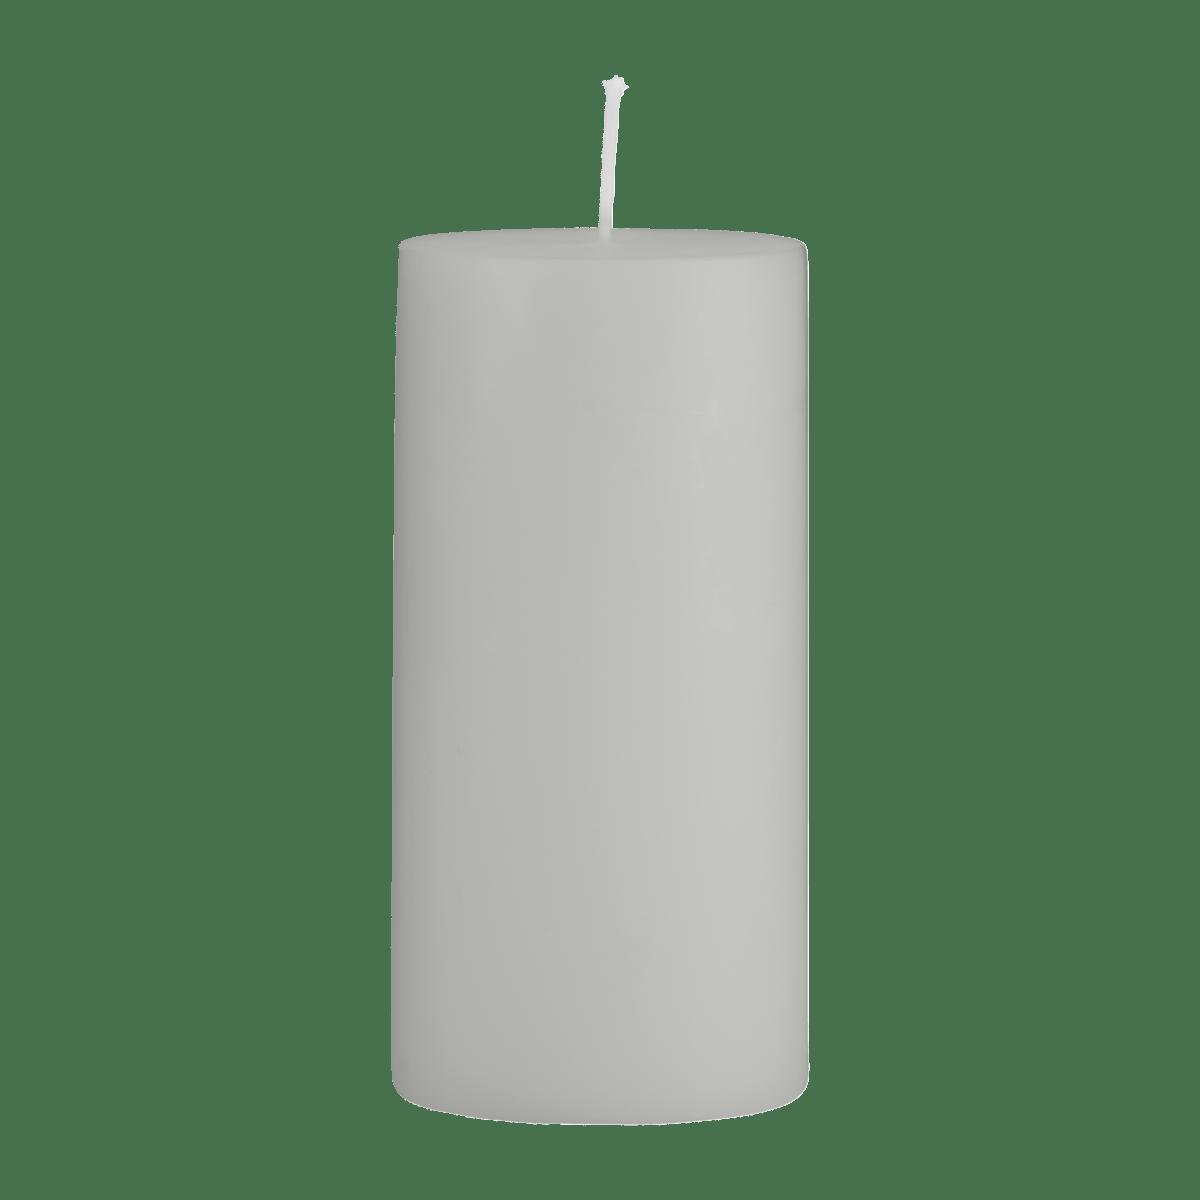 Šedá svíčka 7x15 cm - set 2 kusů